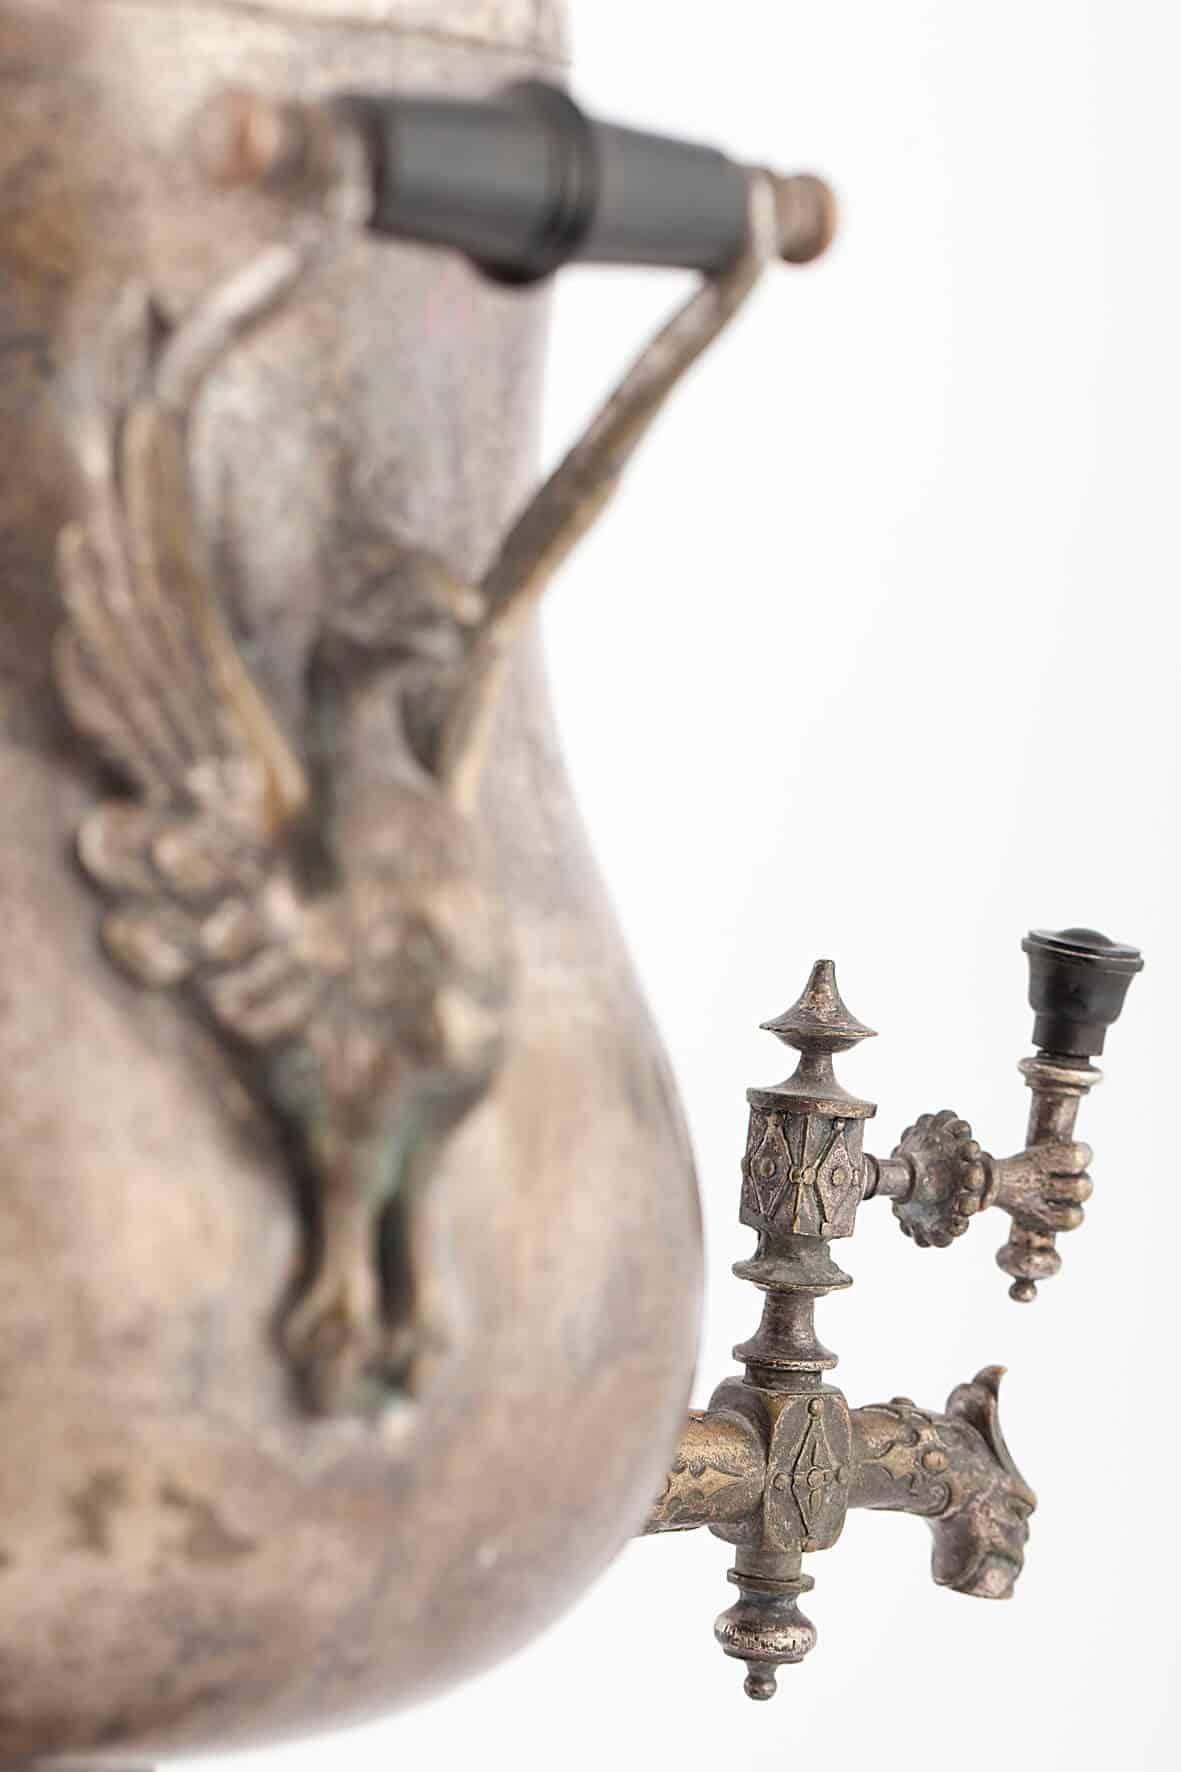 КБ 485 | Самовар грушевидный «Орел» | Музей самоваров и бульоток